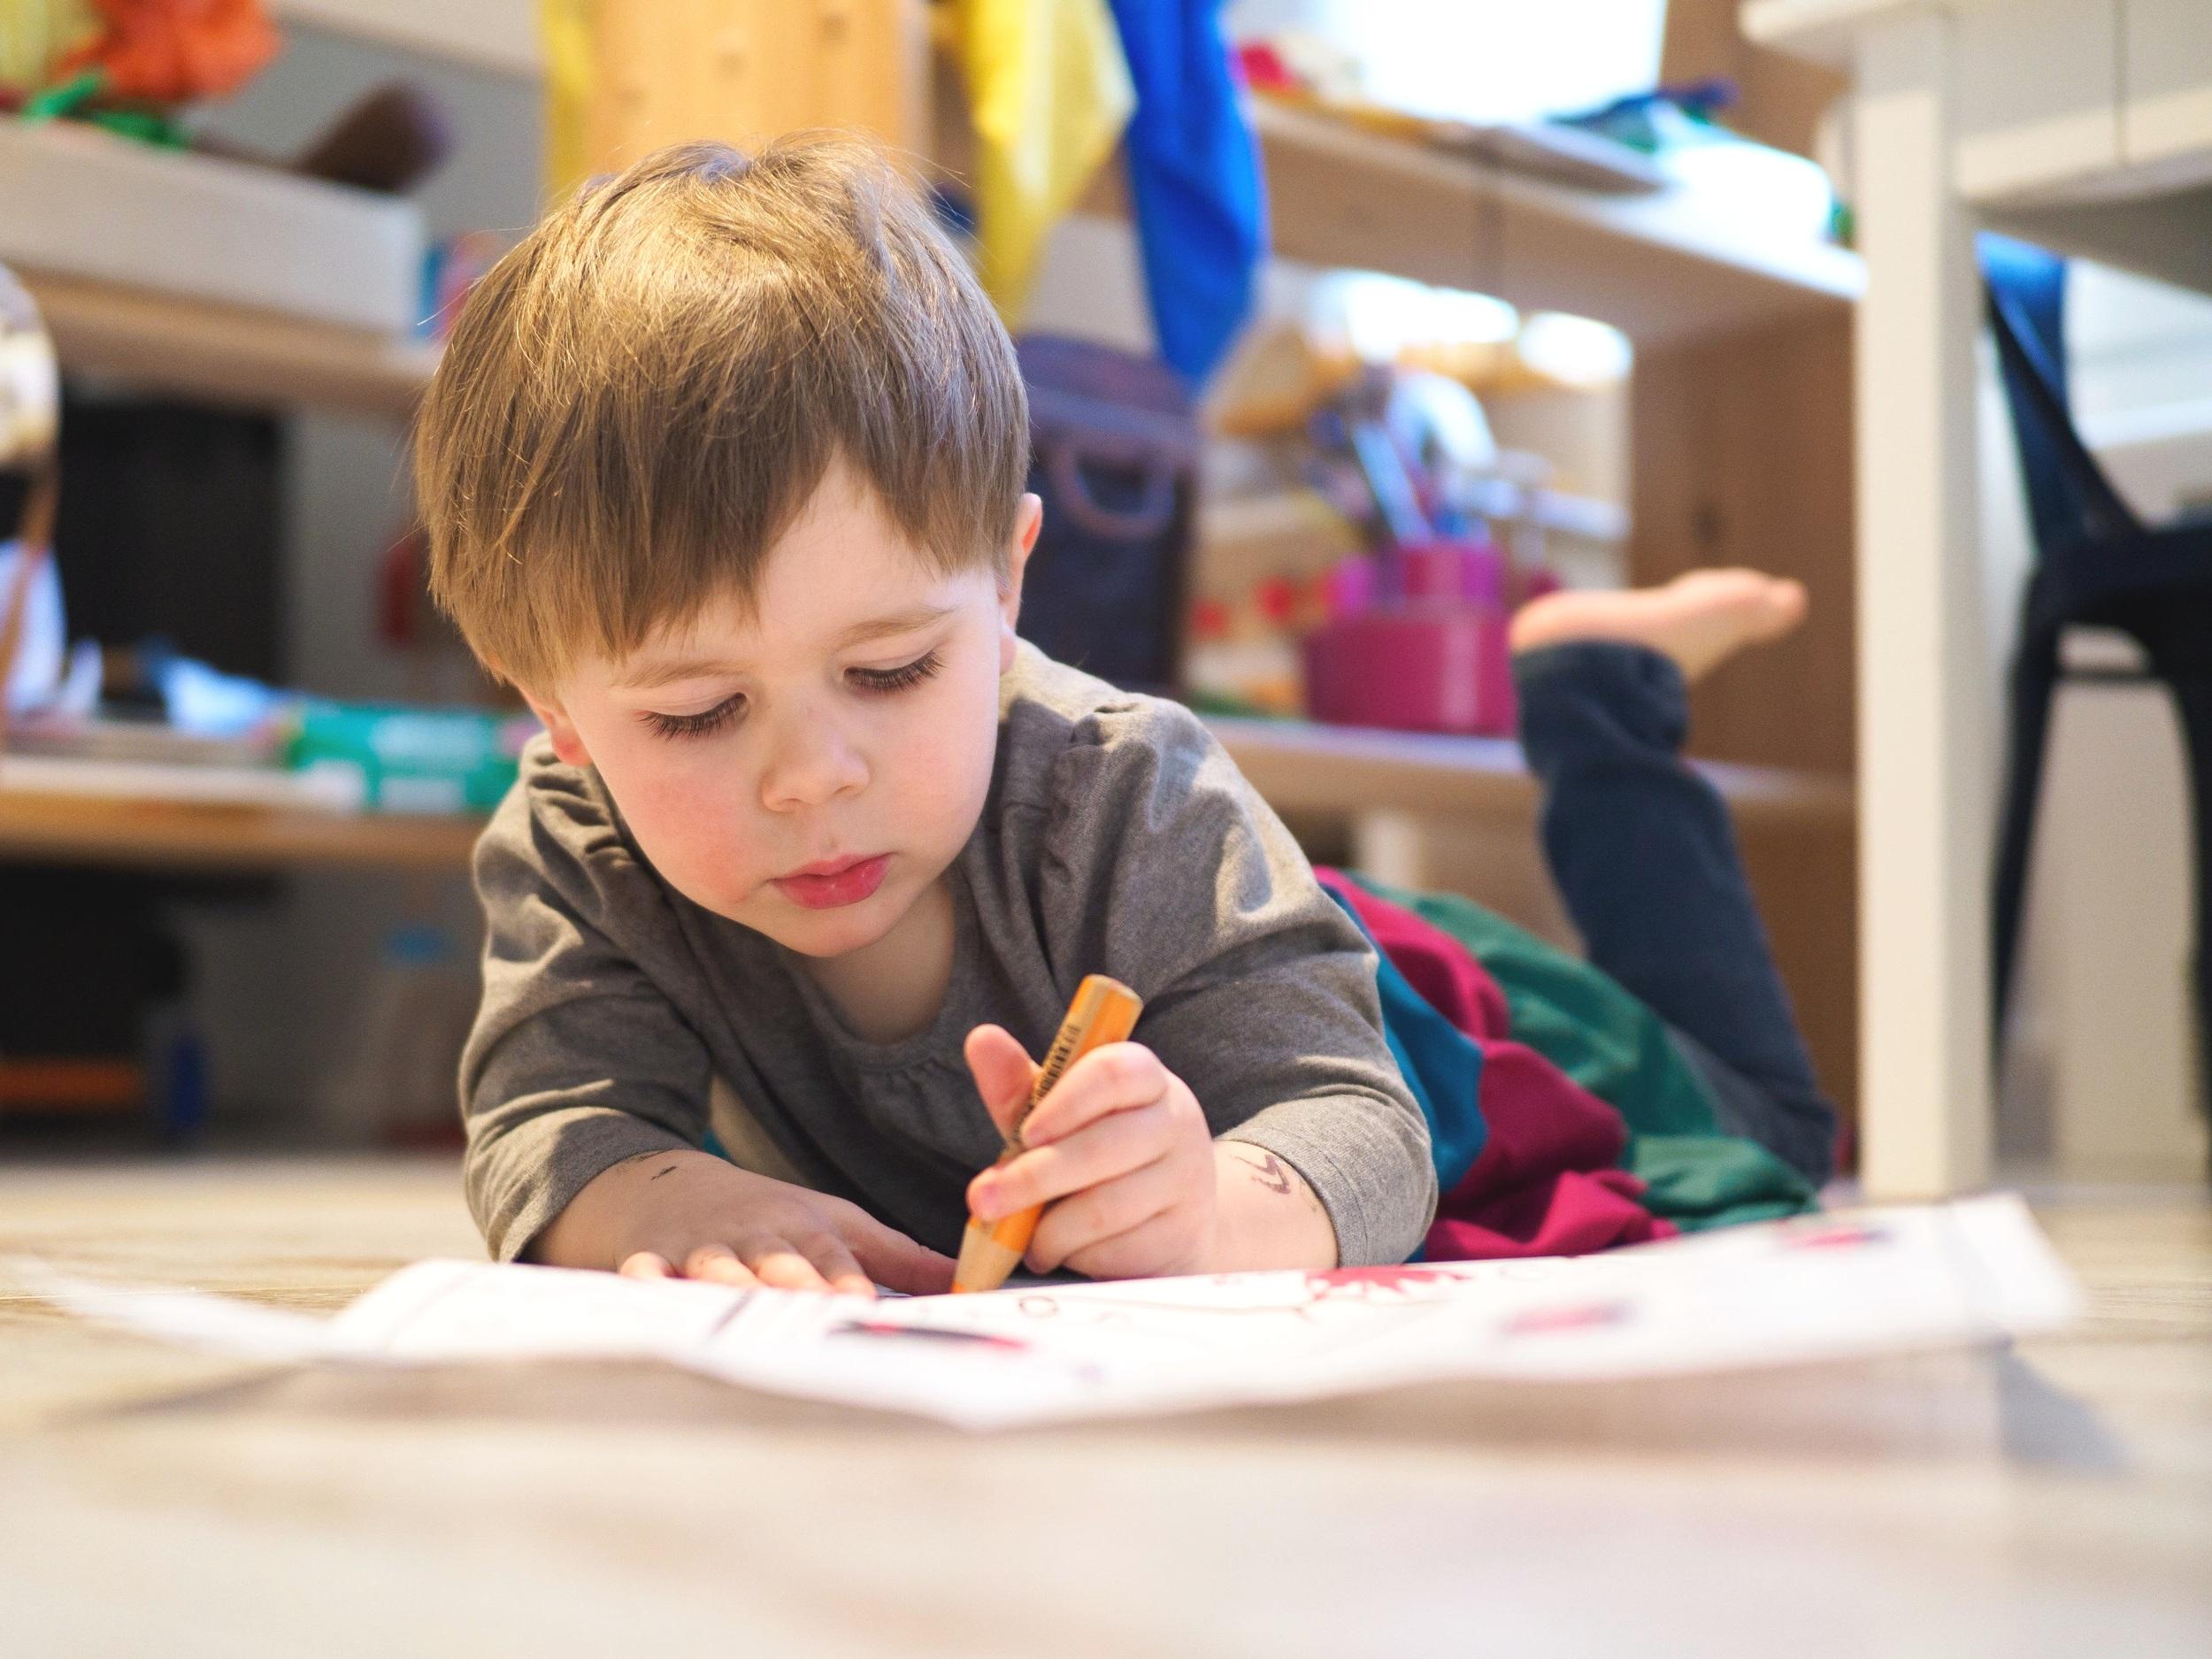 Rye - 3 - Evergreen Kids Corner Preschool